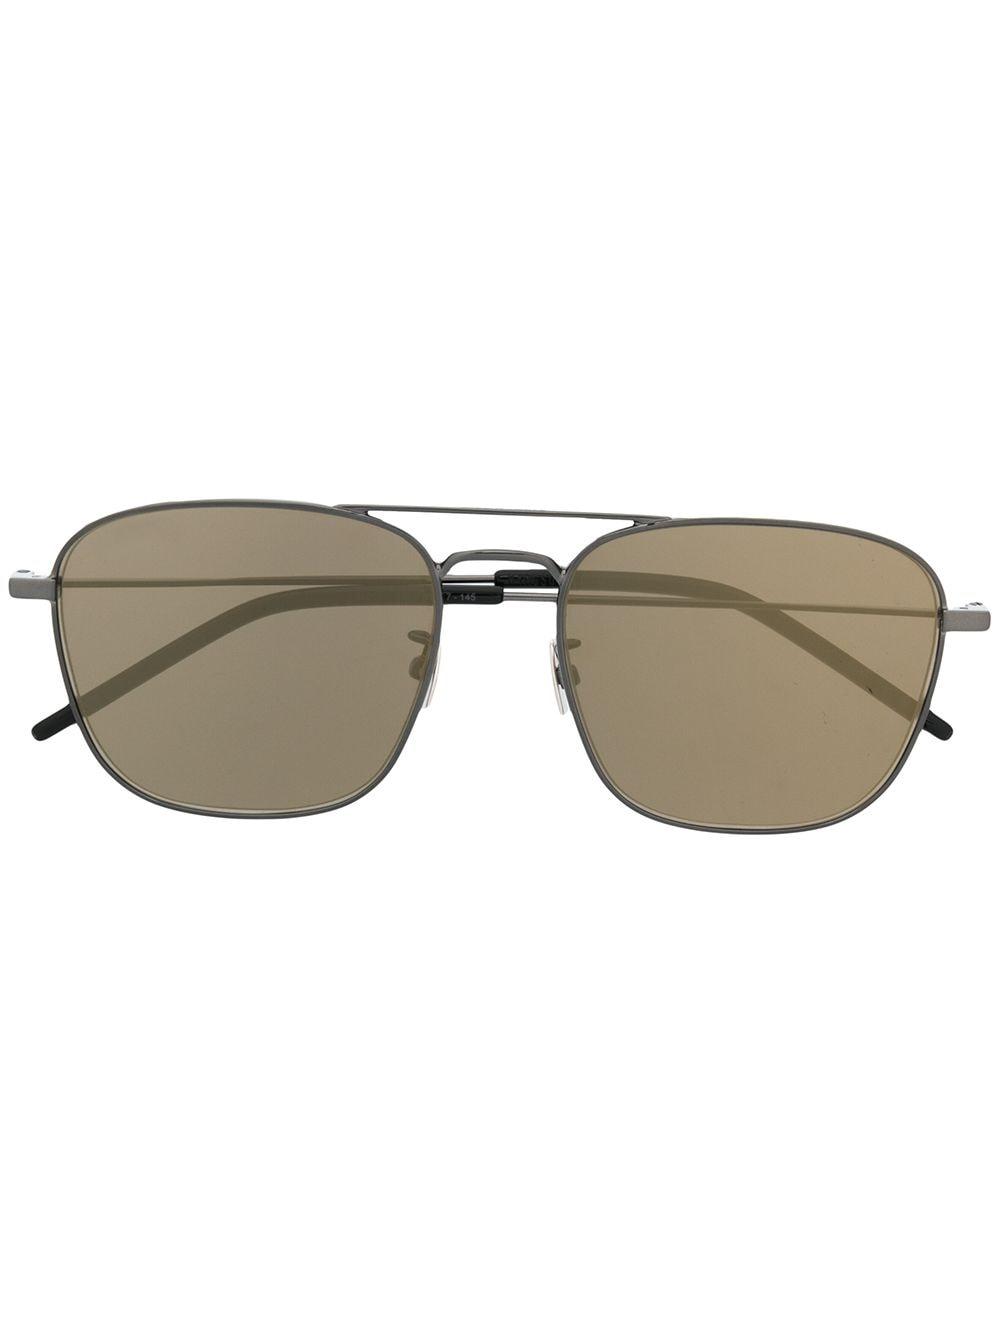 Sl 309 Sun Glasses